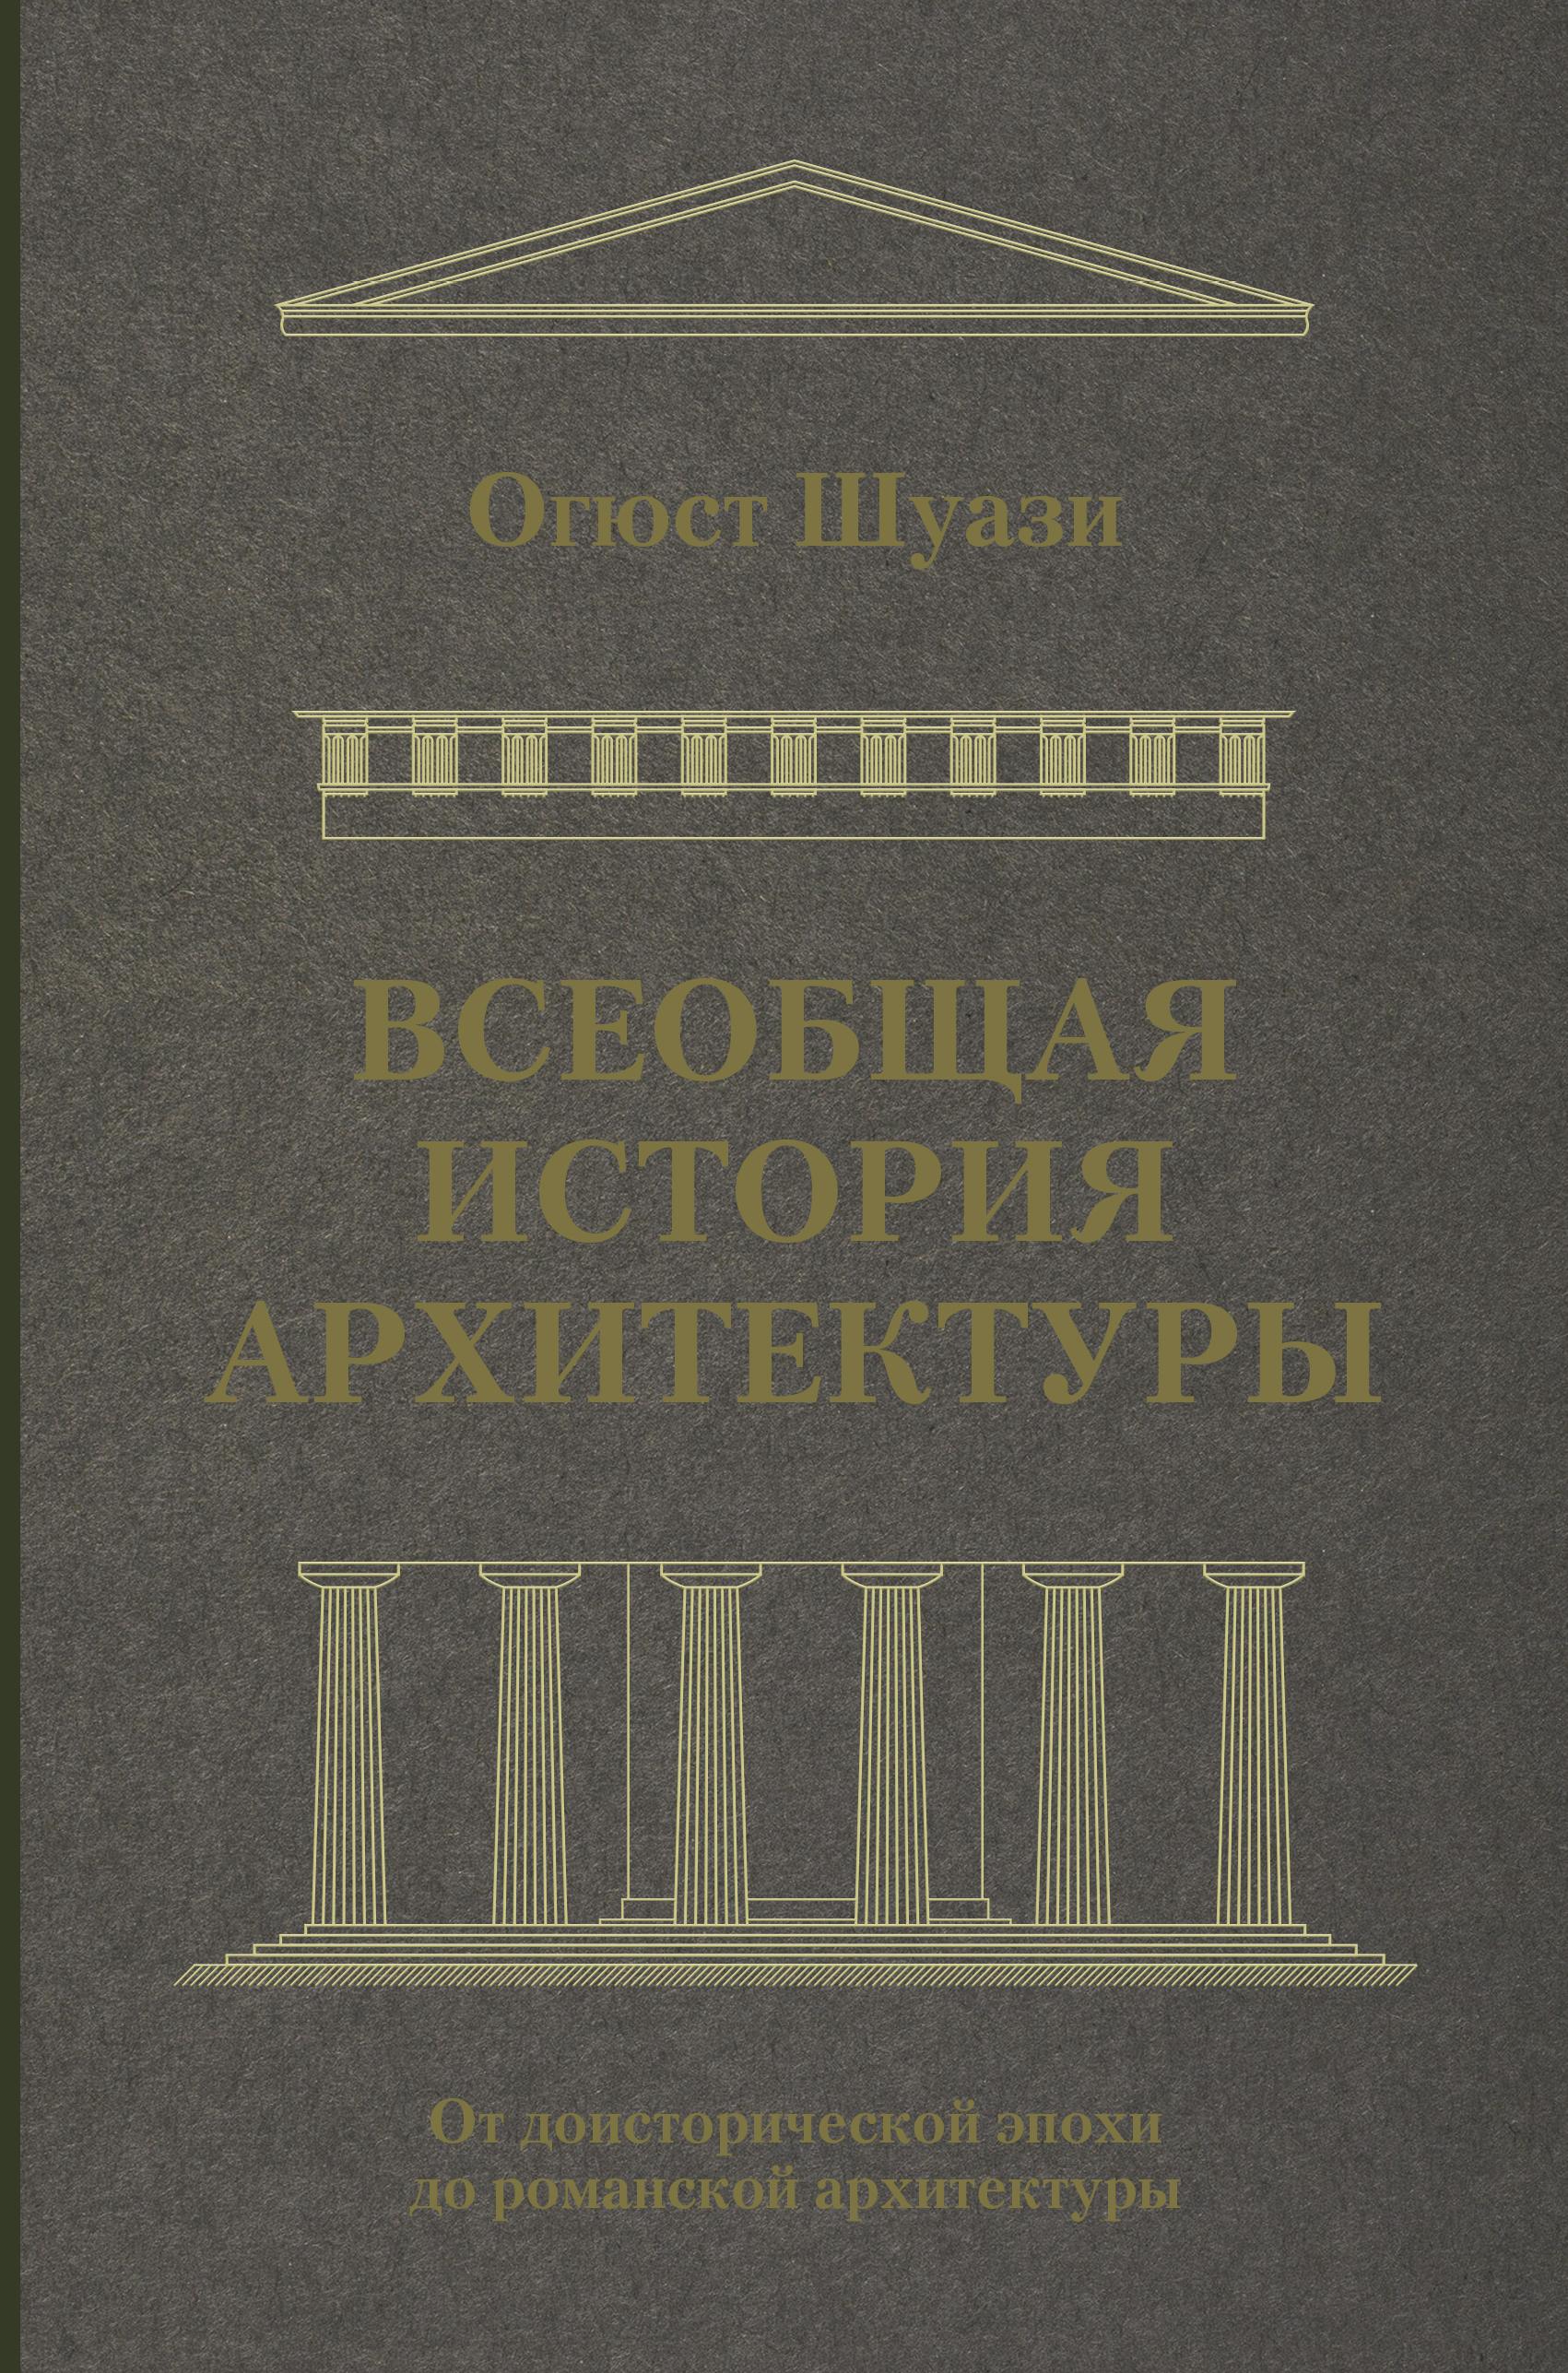 Всеобщая история архитектуры. От доисторической эпохи до романской архитектуры ( Шуази Огюст  )